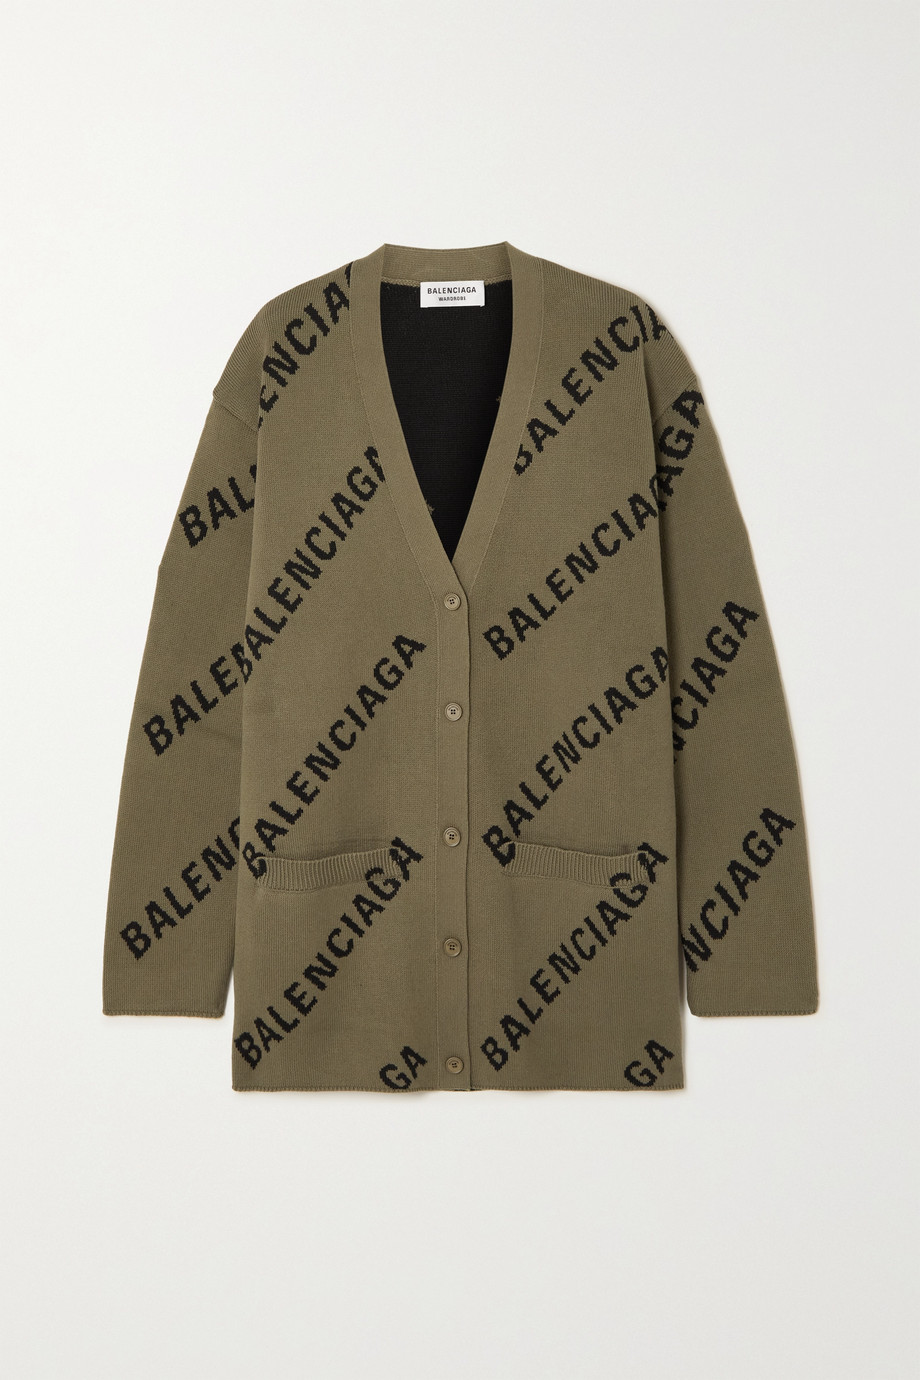 Balenciaga Cardigan aus einer Baumwollmischung mit Intarsienmuster